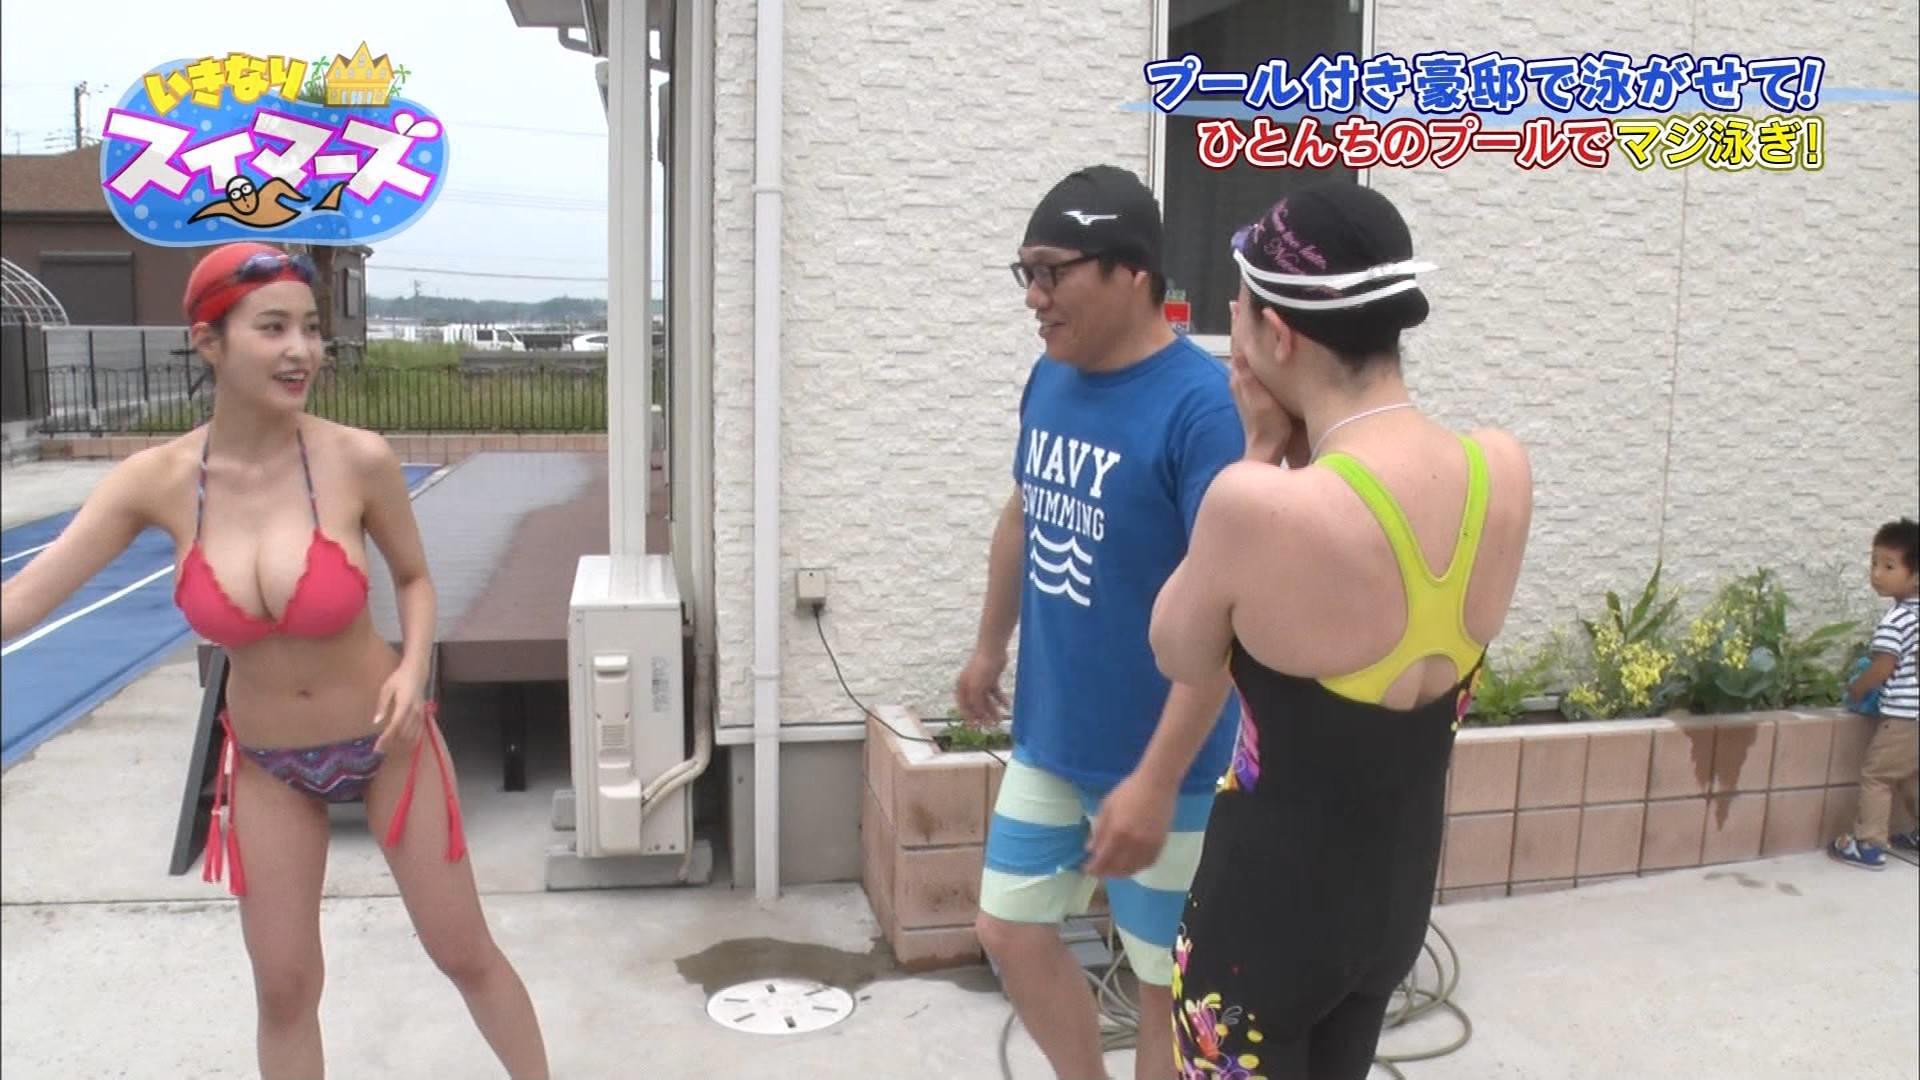 岸明日香_Gカップ_ビキニ水着_テレビキャプ画像_10